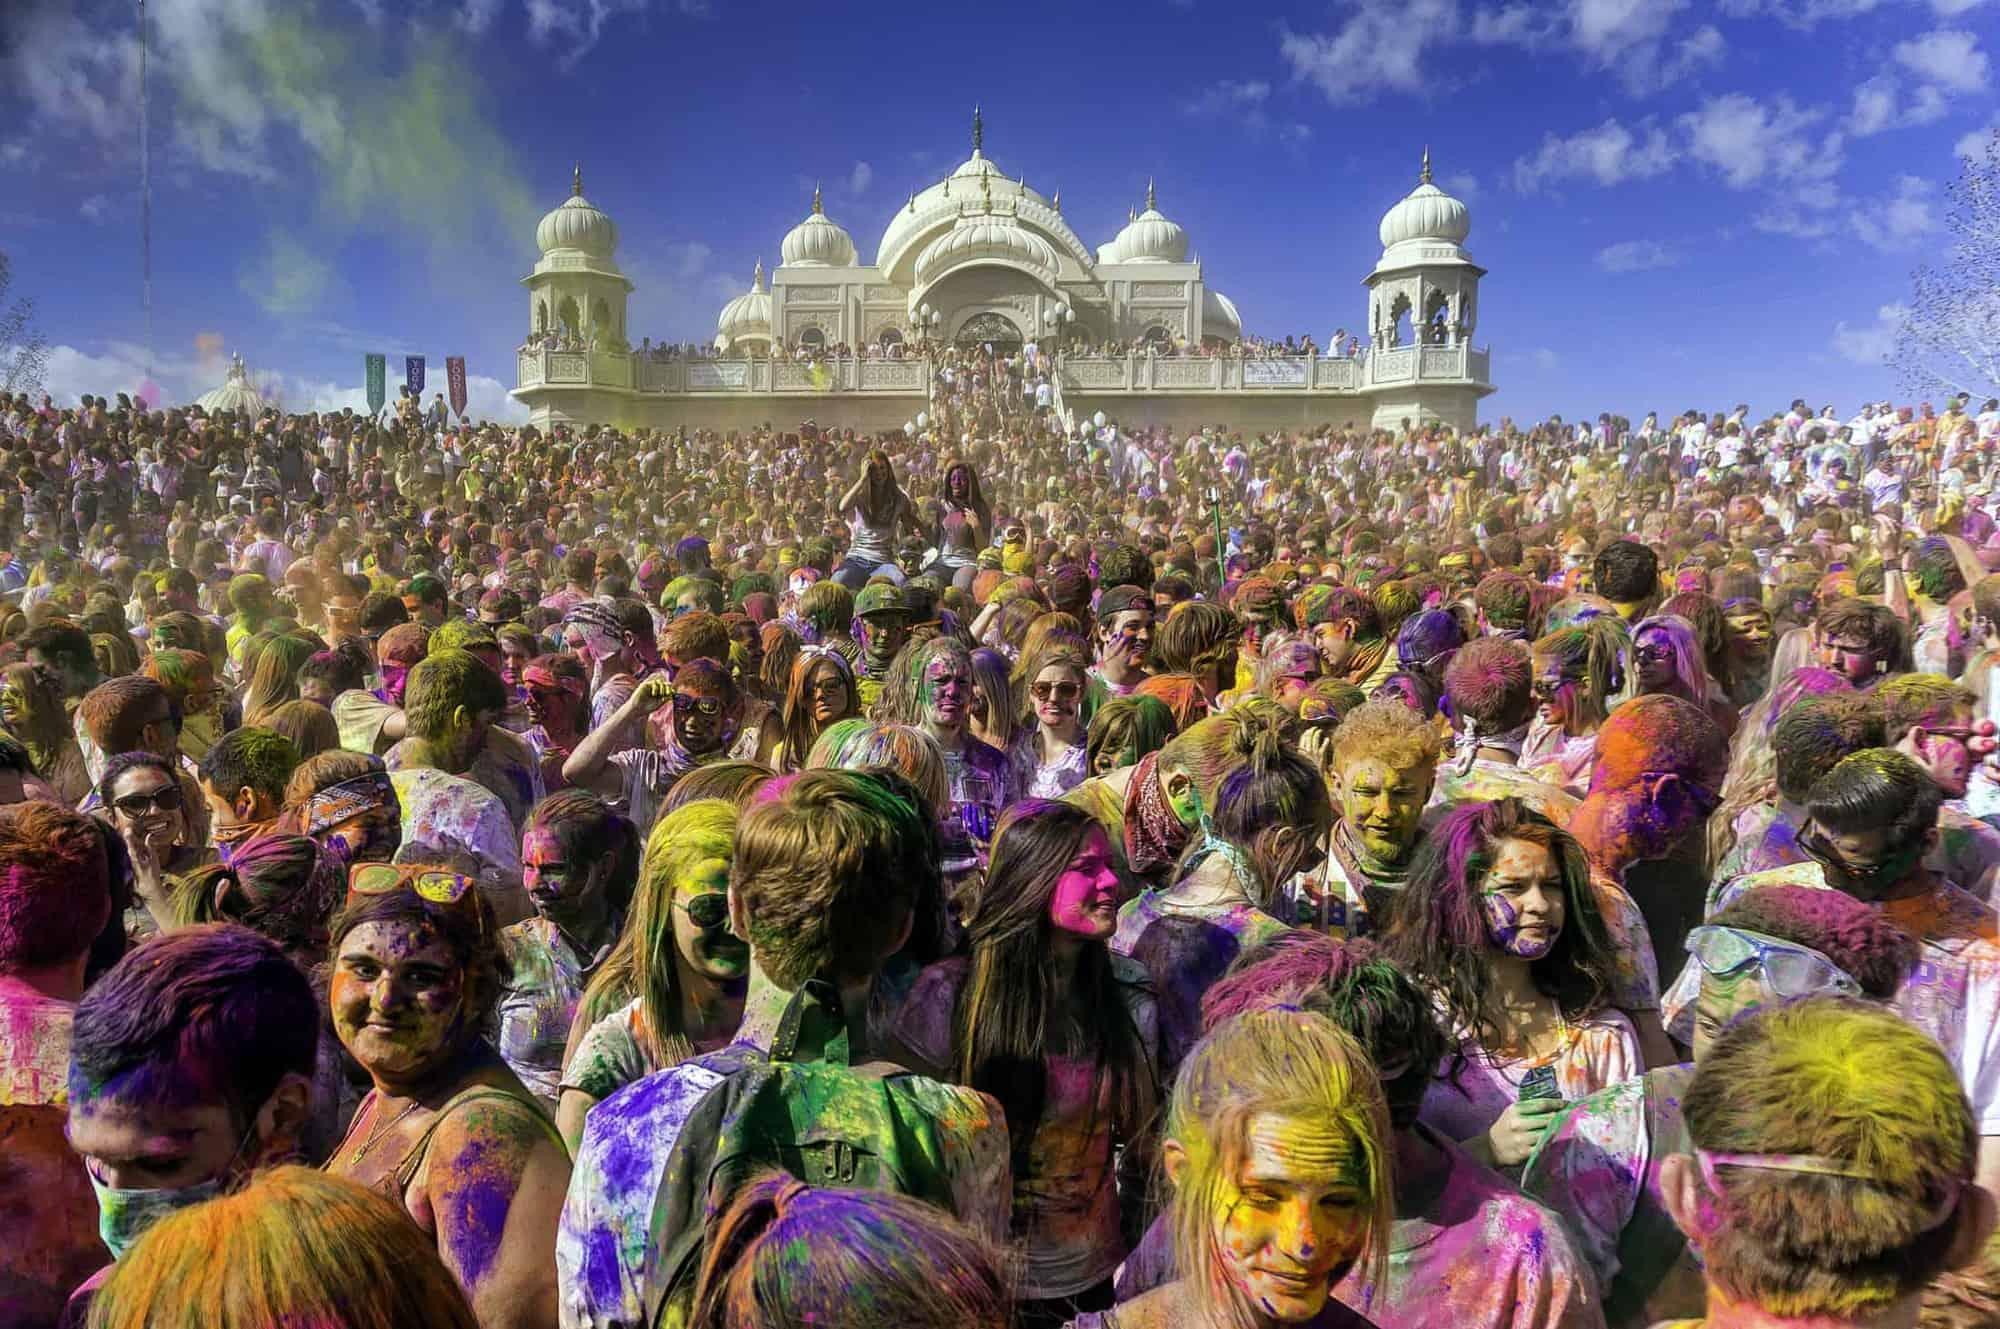 15 प्रसिद्ध और सबसे लोकप्रिय भारतीय त्यौहार 4